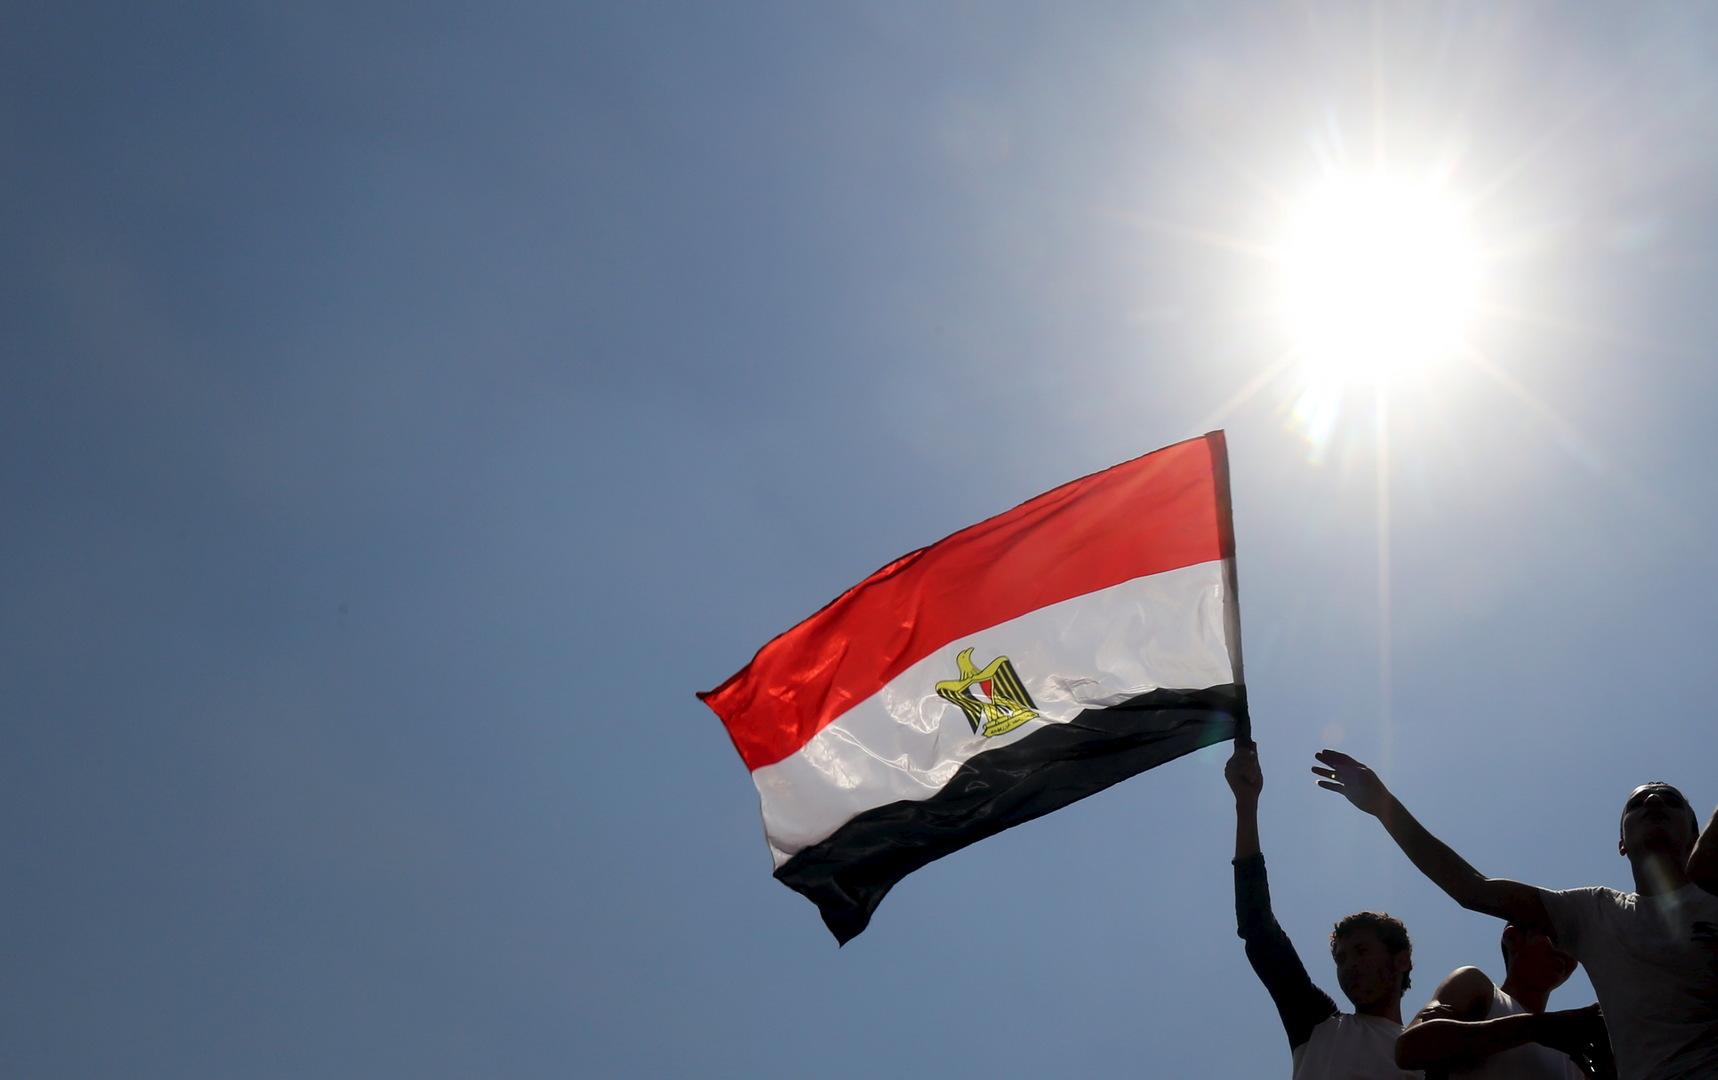 وزير سابق يكشف عن أزمة كبيرة في مصر مثل القنبلة الموقوتة كادت تنفجر خلال 3 أيام